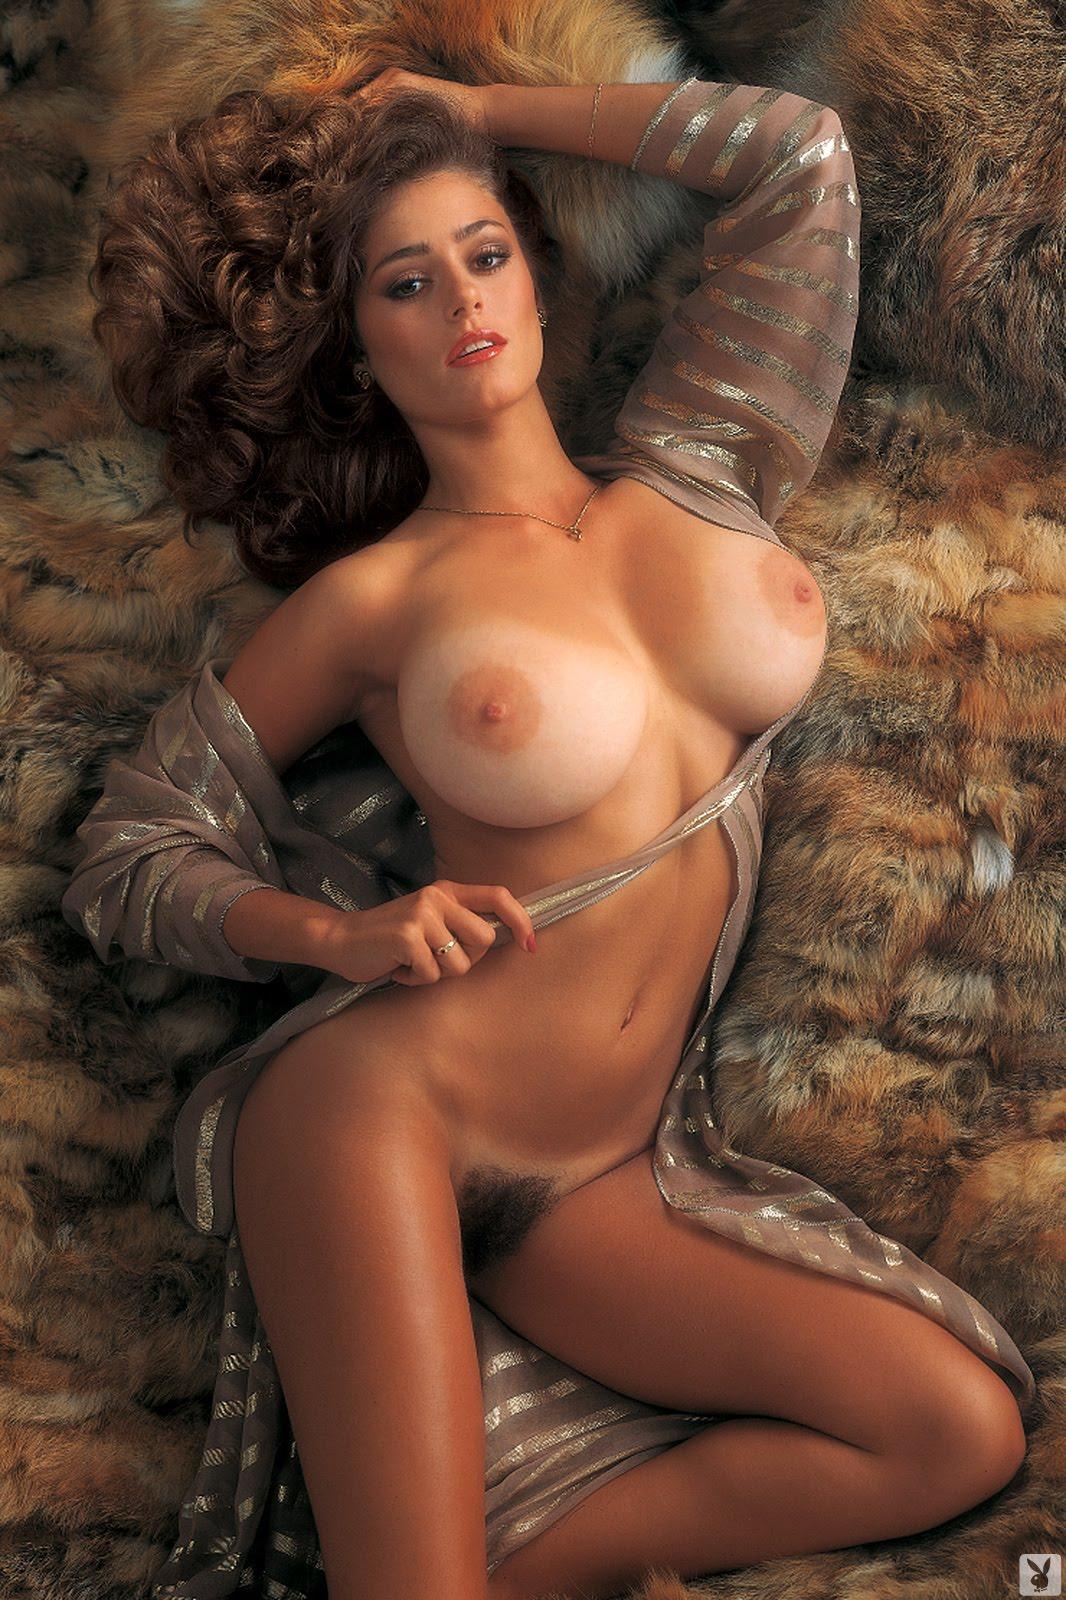 угадать поведению, эротические журналы с большими сиськами лучше